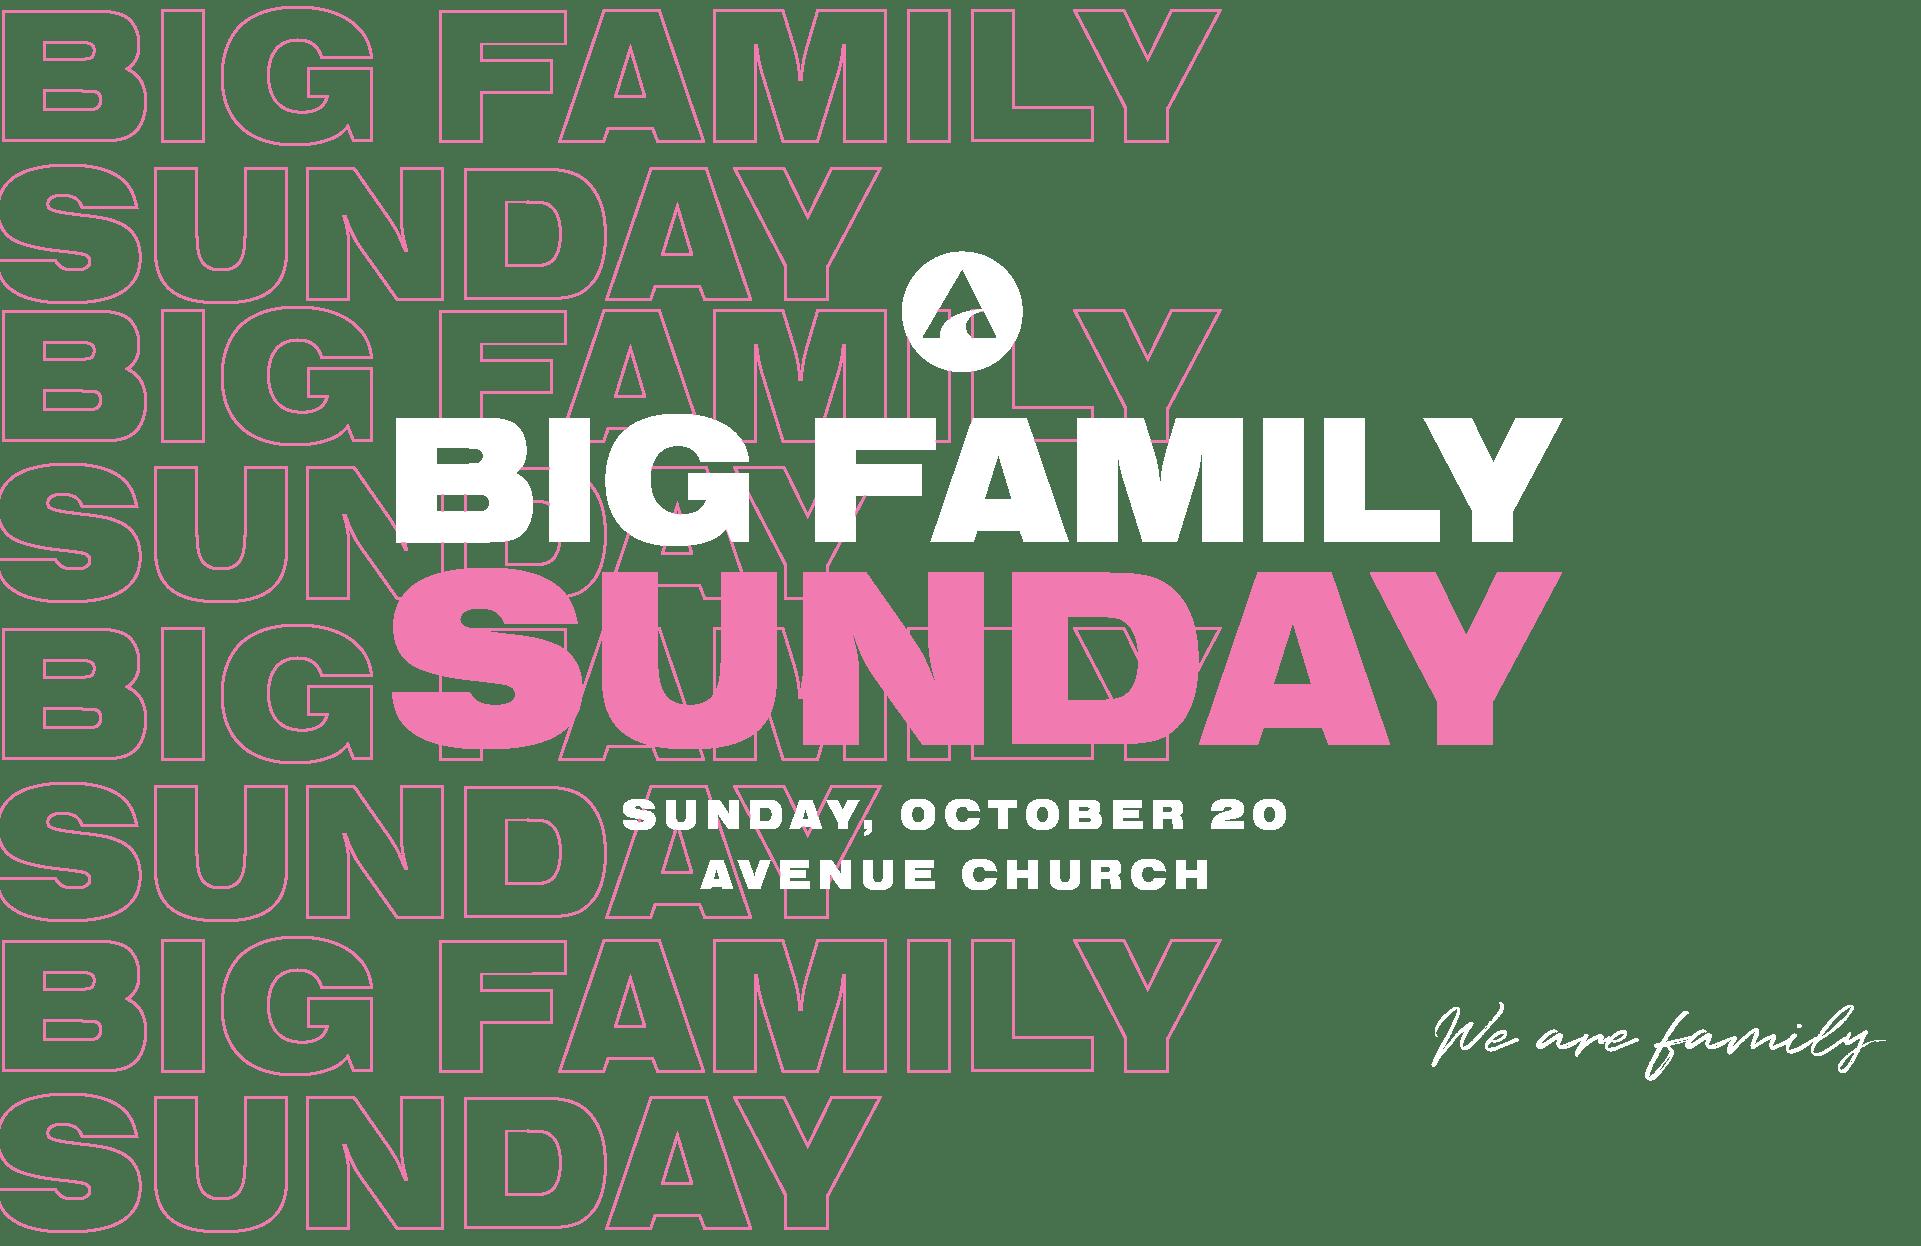 big family sunday TITLE